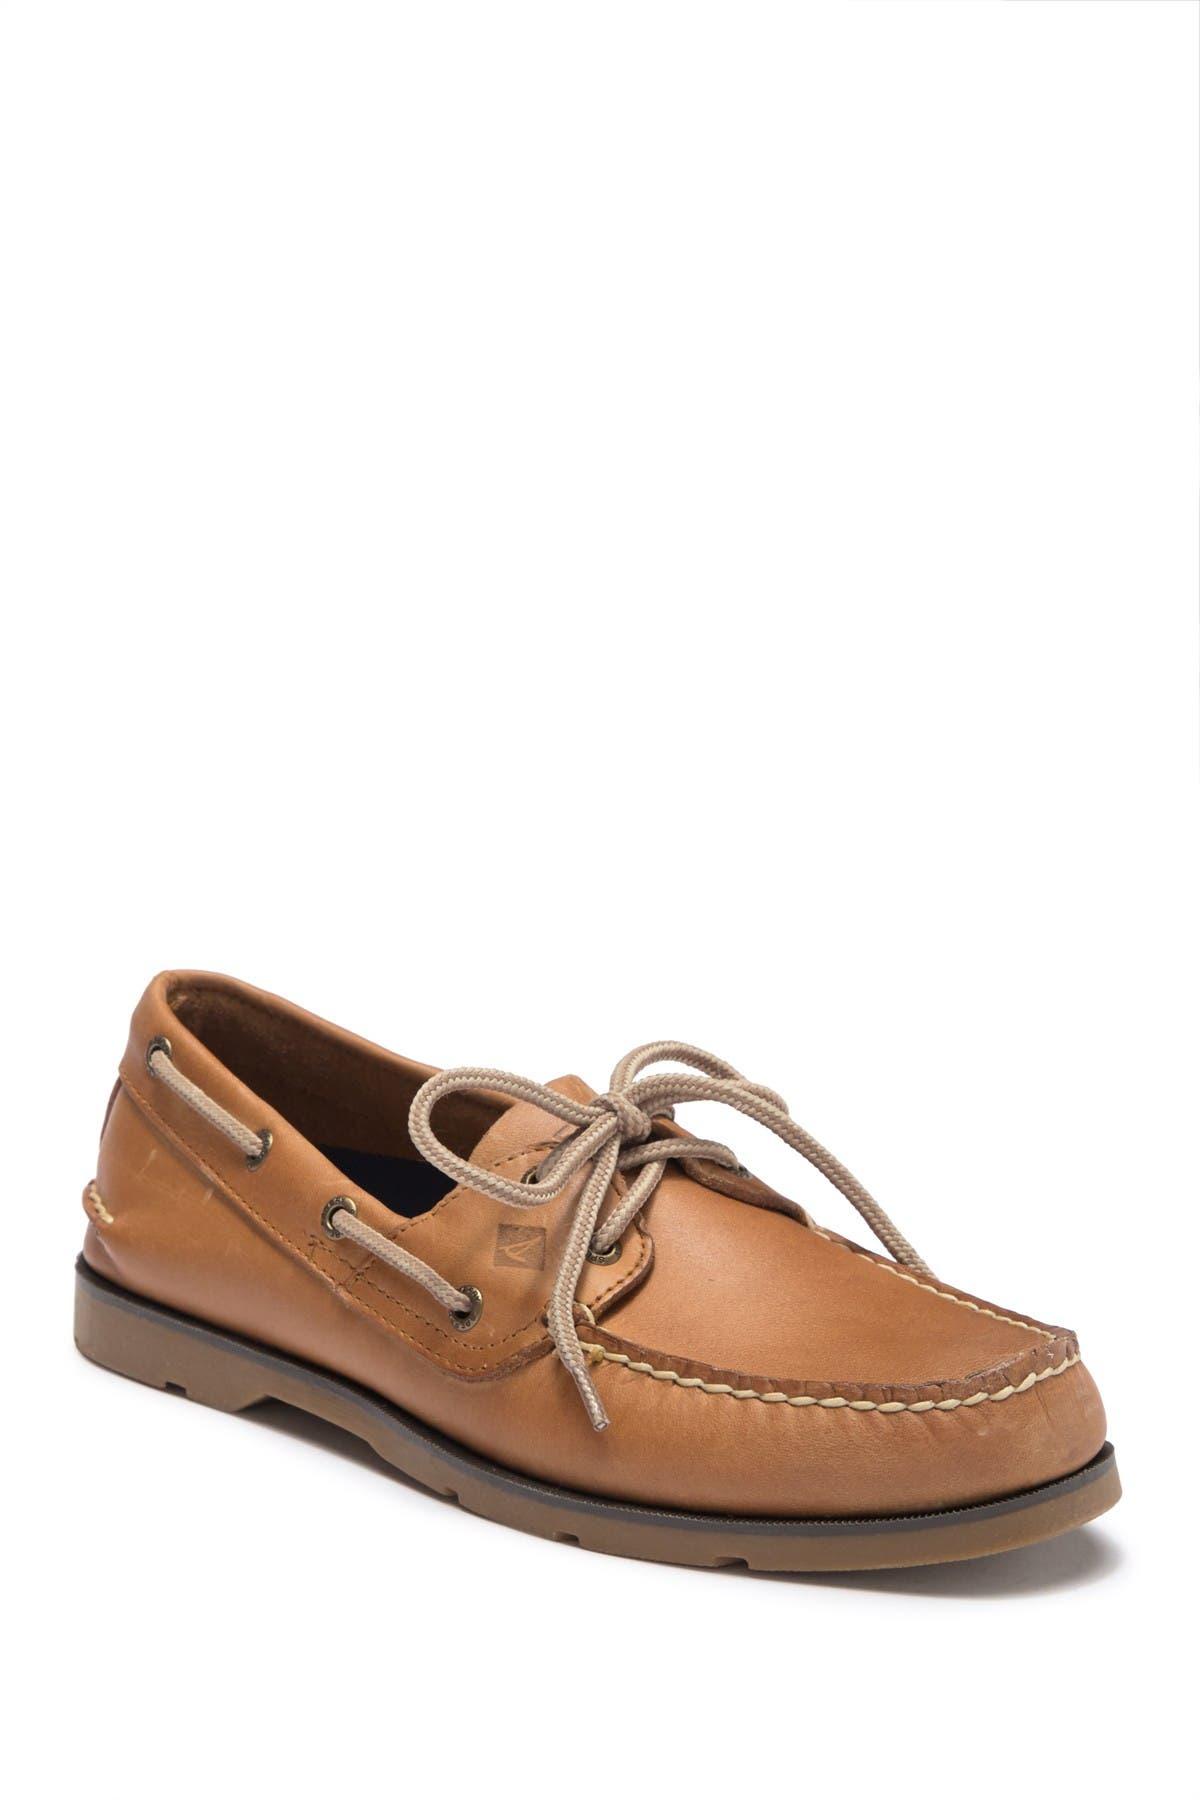 Sperry Boys Leeward Boat Shoe